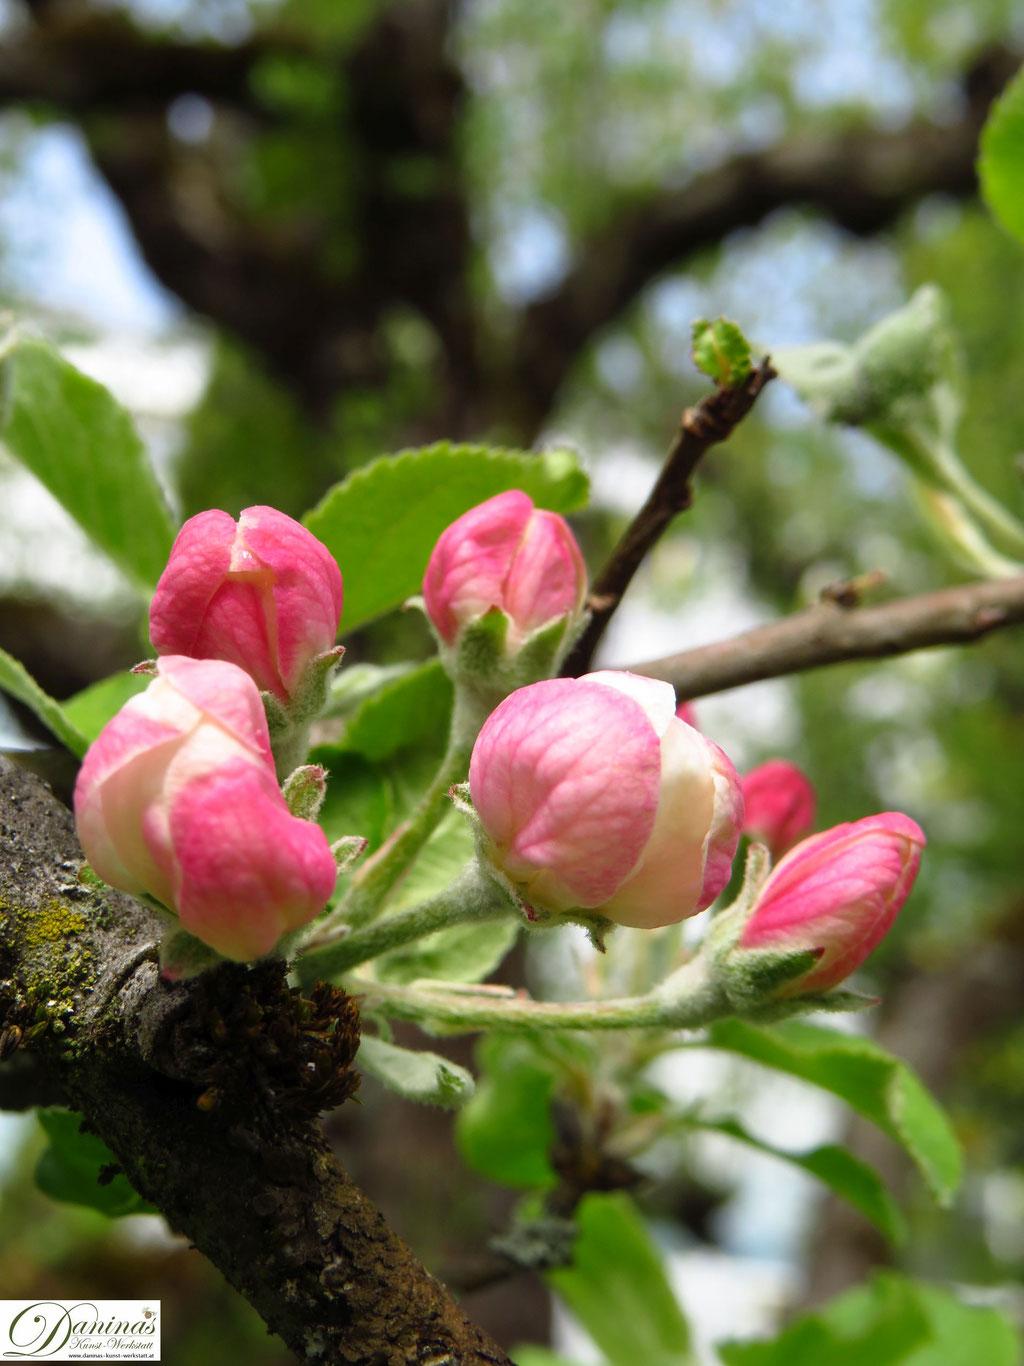 Apfelbaum - erste Apfelknospen im Frühling